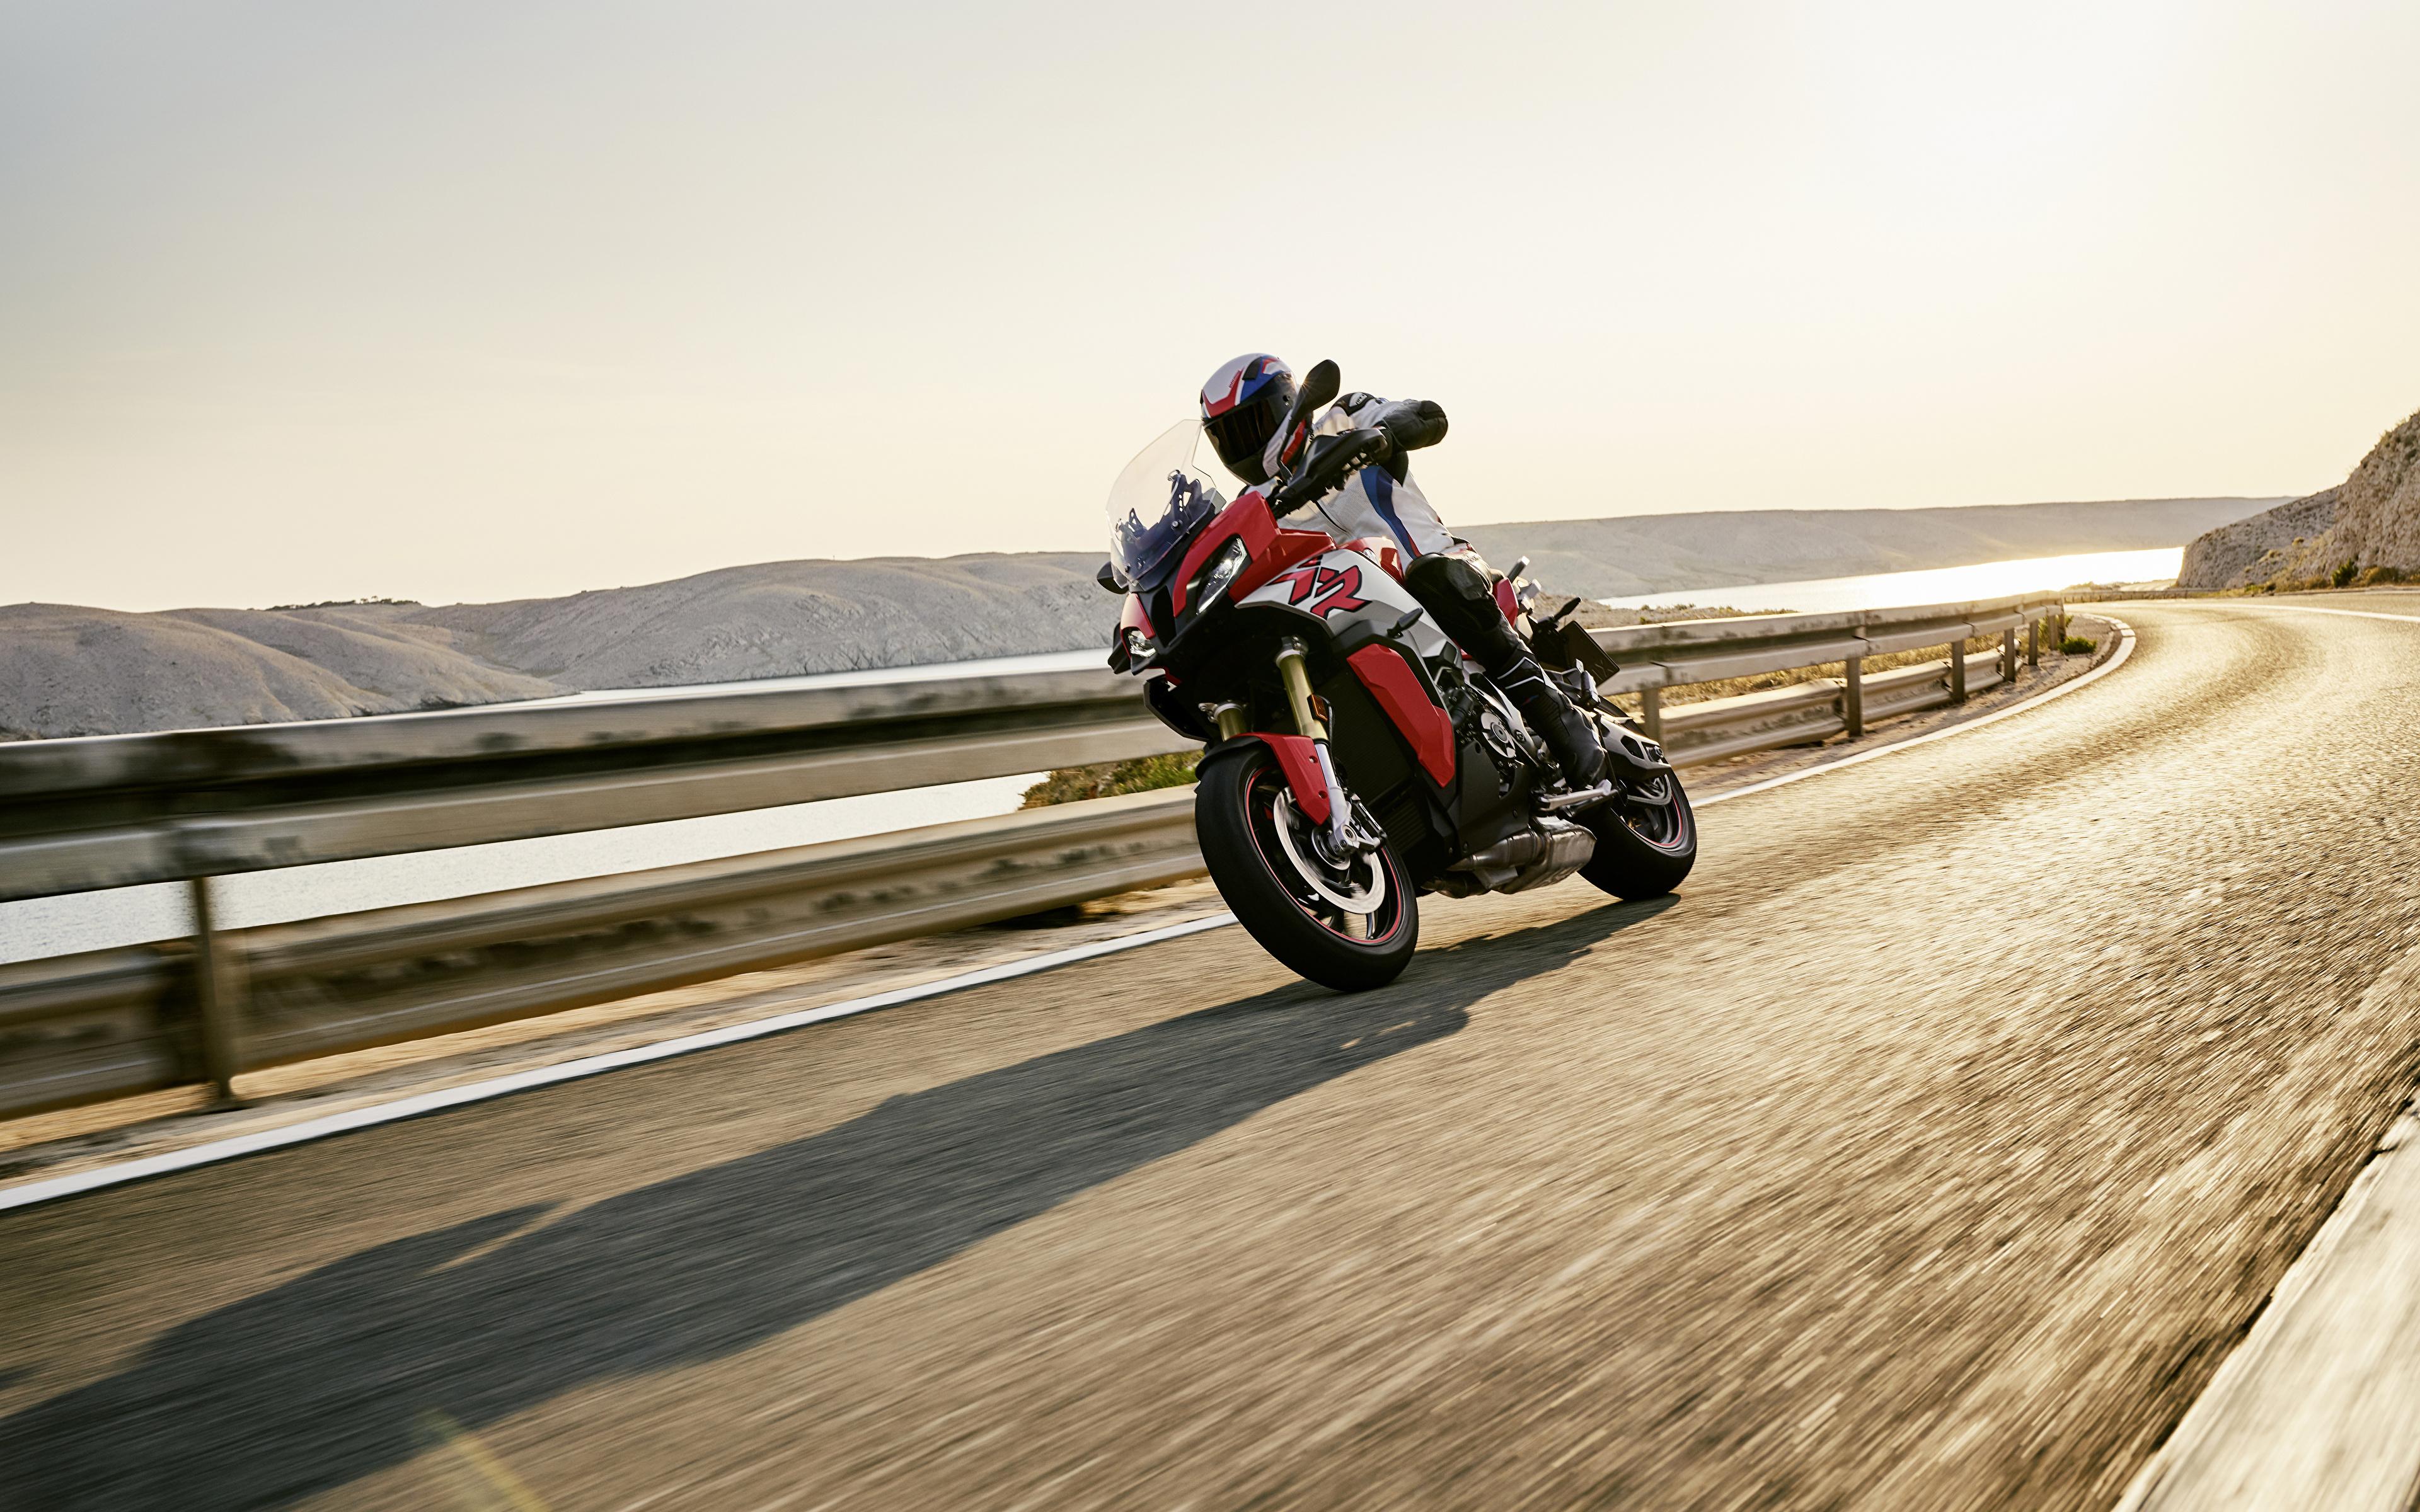 Картинка БМВ 2020 S 1000 XR Мотоциклы едущий Мотоциклист 3840x2400 BMW - Мотоциклы мотоцикл едет едущая Движение скорость